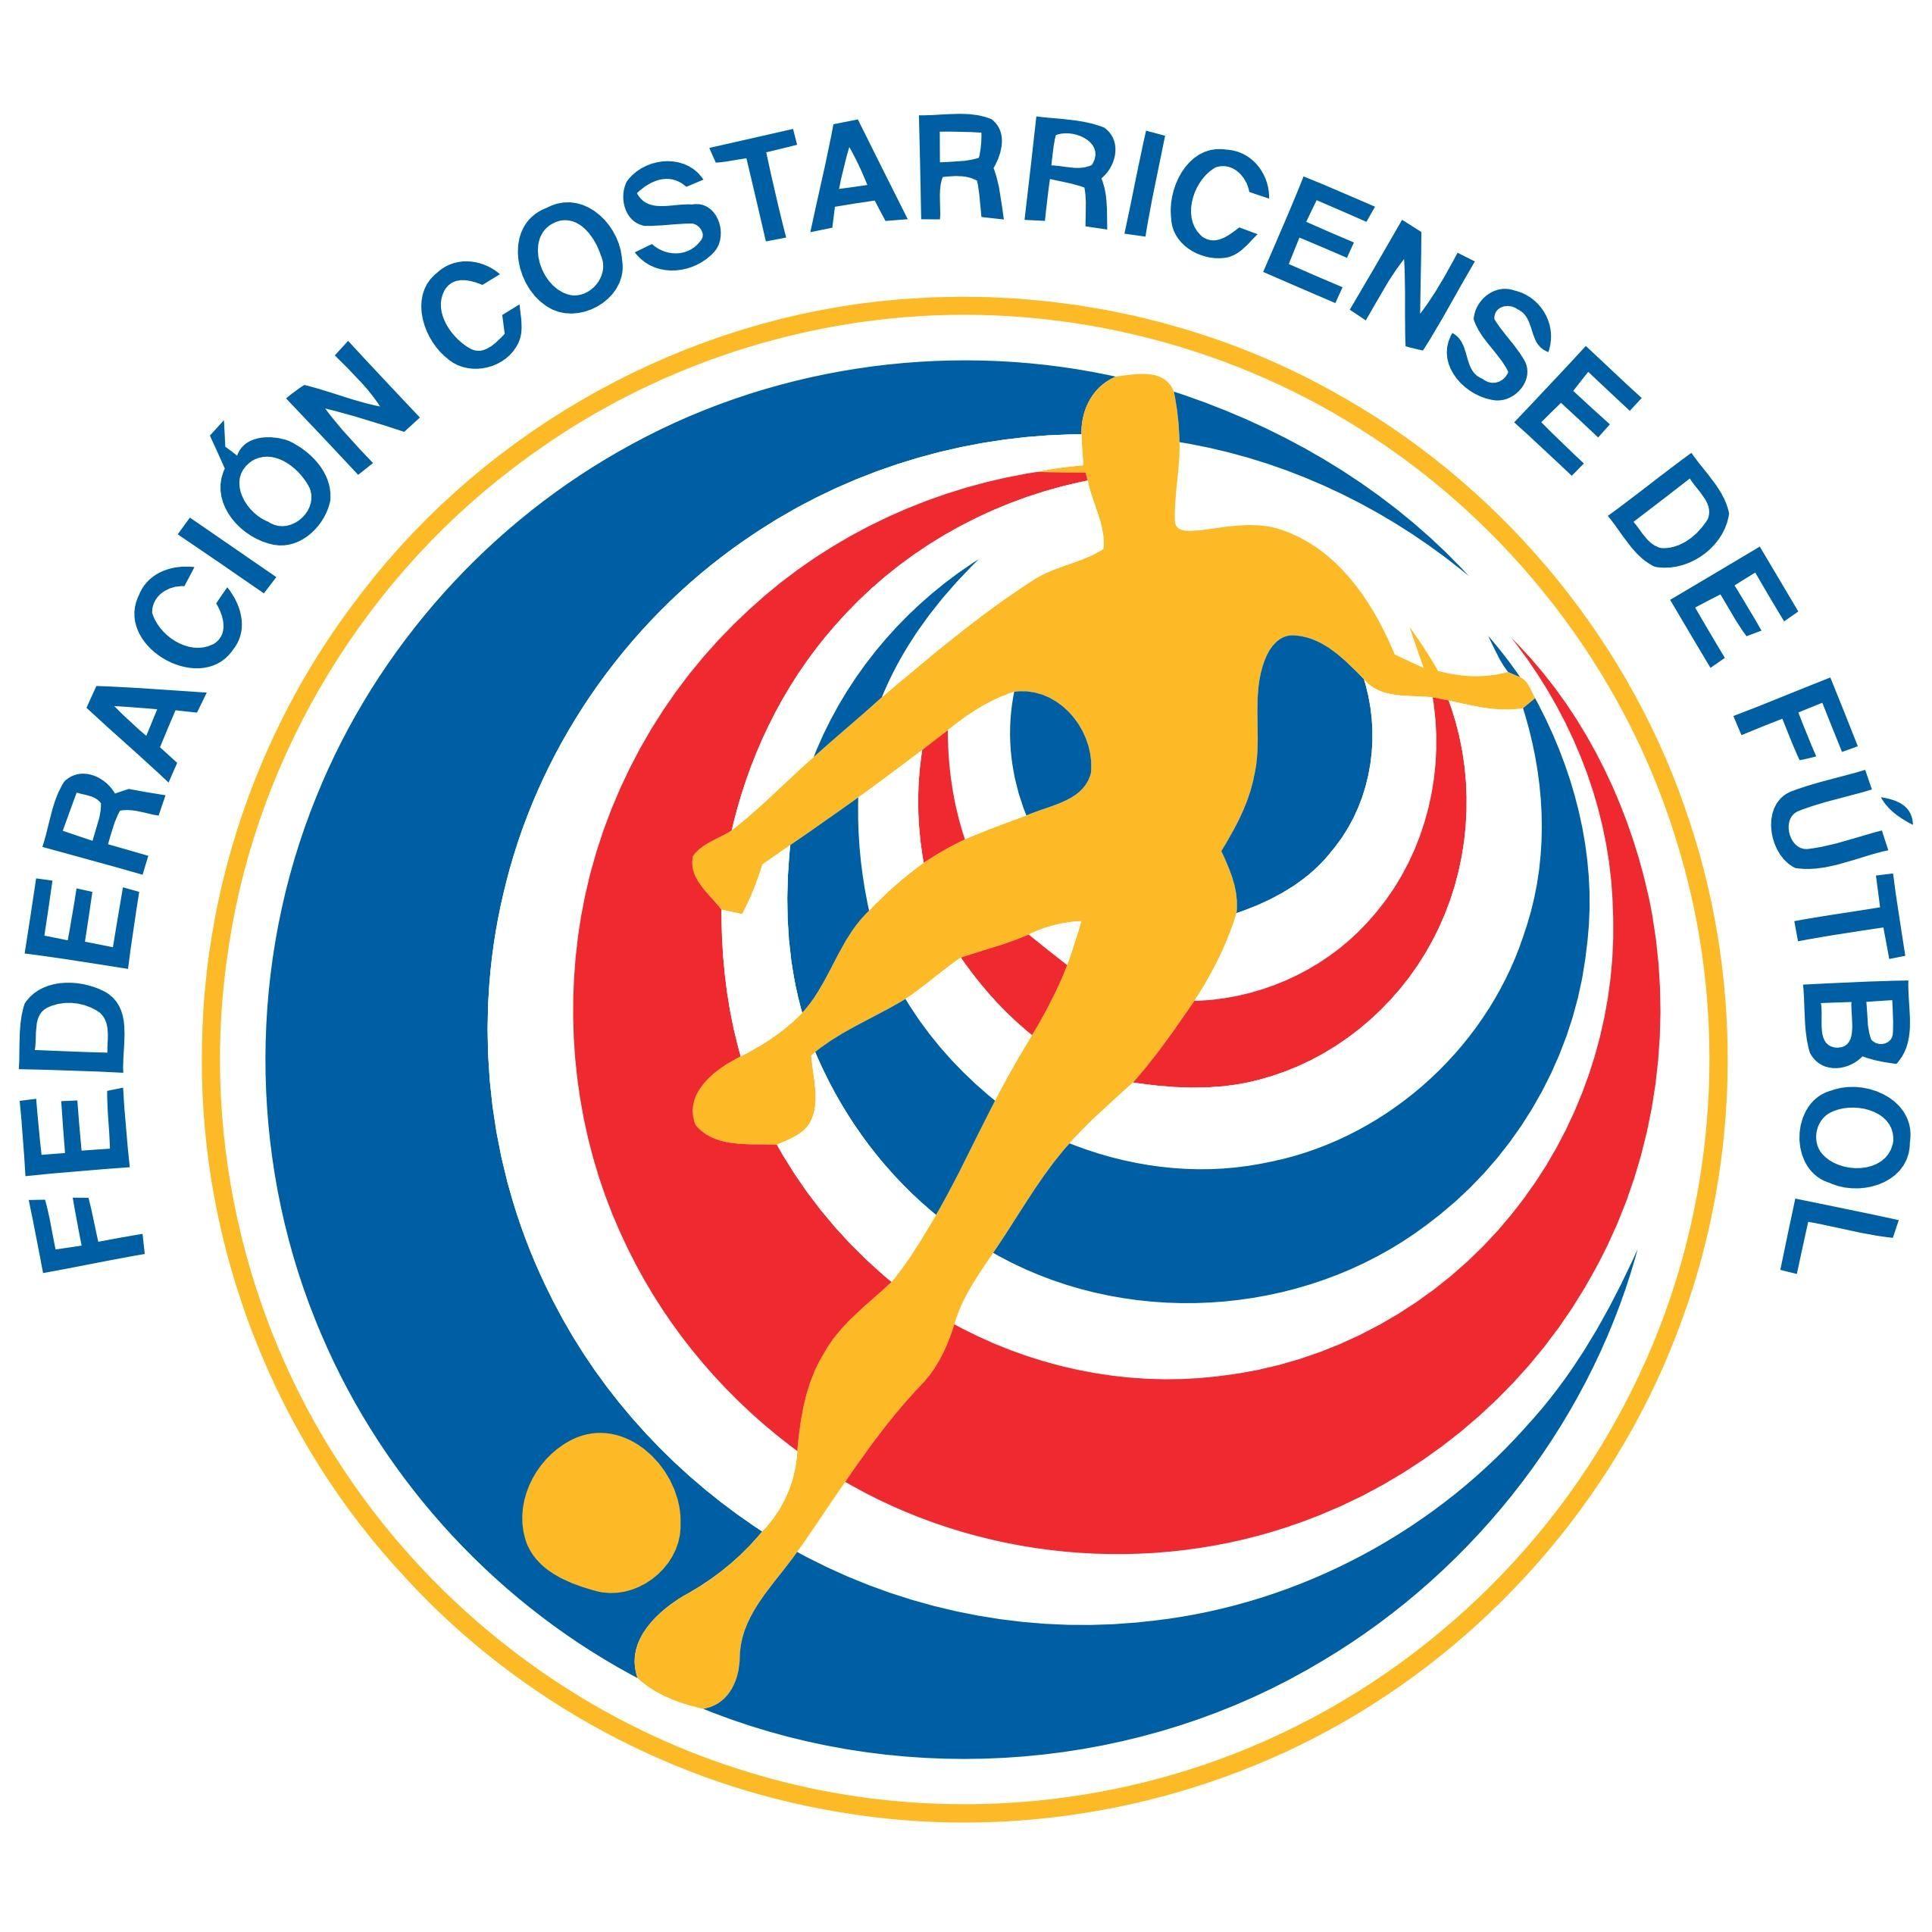 Costa Rican Football Federation Amp Costa Rica National Football Team Logo Kits De Futebol Costa Rica Escudos De Futebol